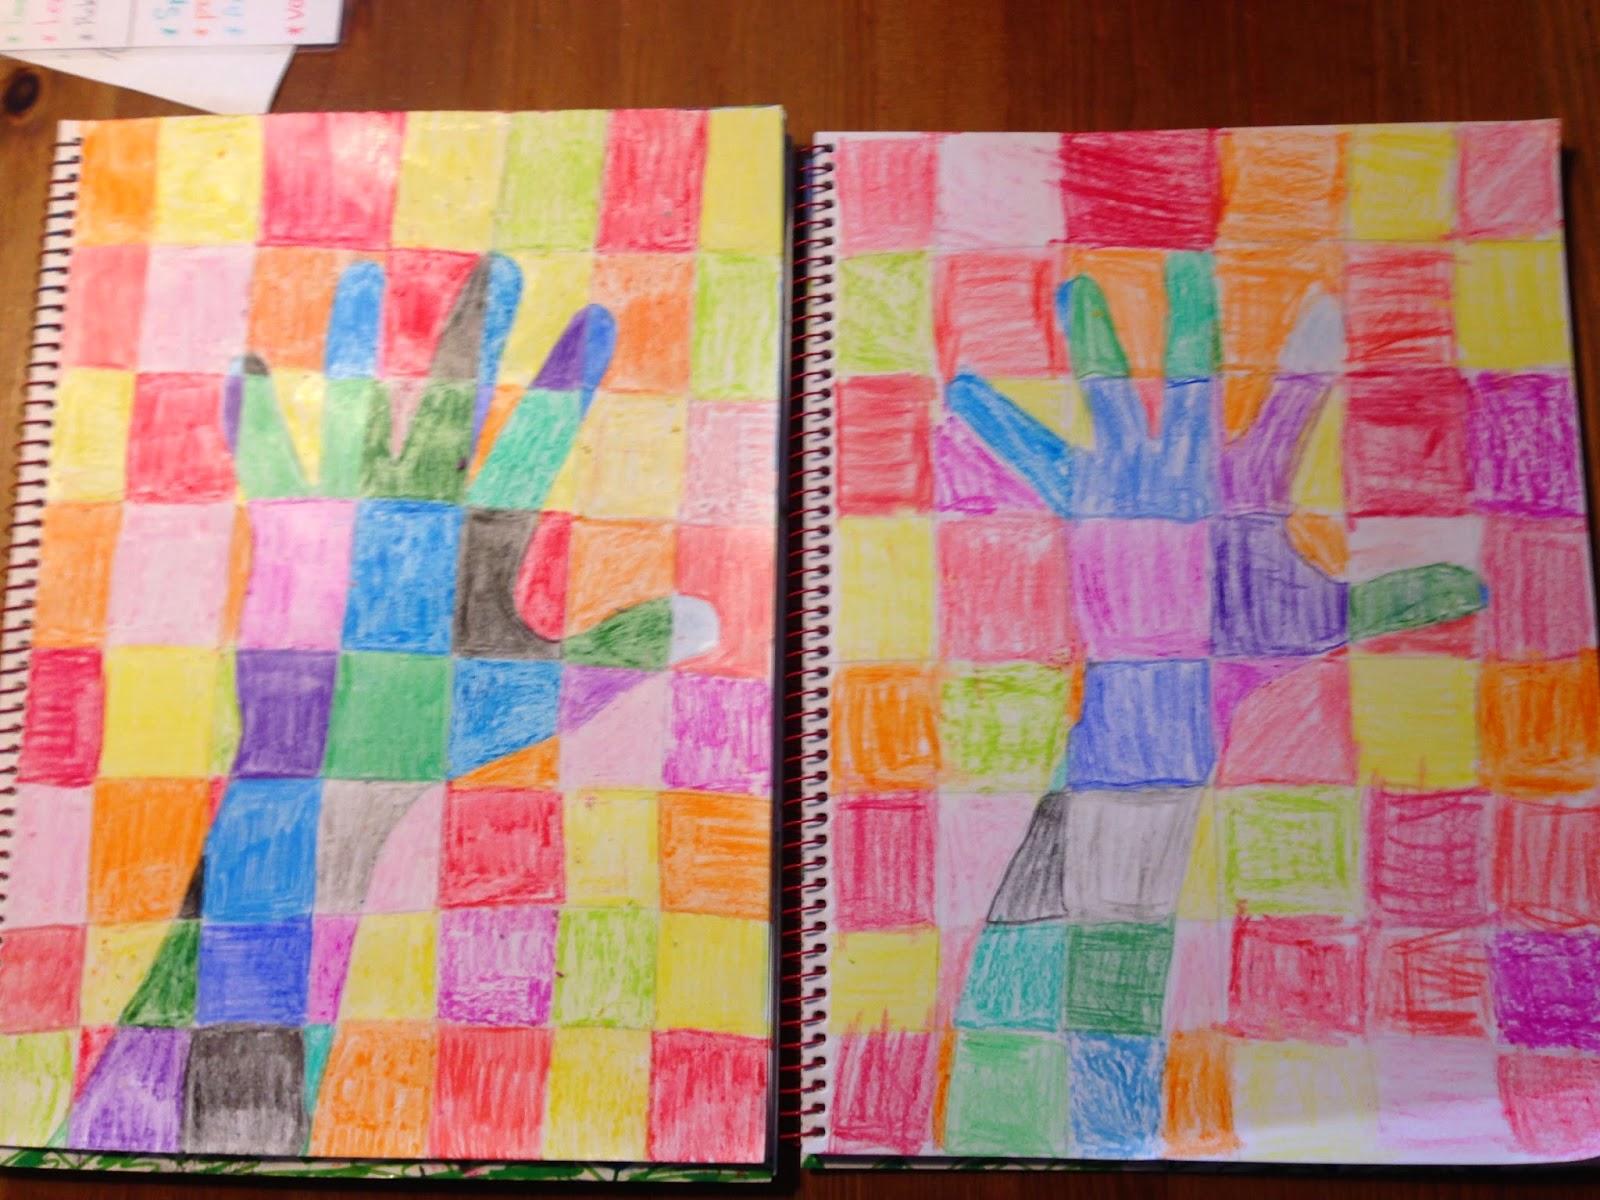 De miniklas een blog over thuisonderwijs art onze hand in warme en koude kleuren - Koude en warme kleur ...